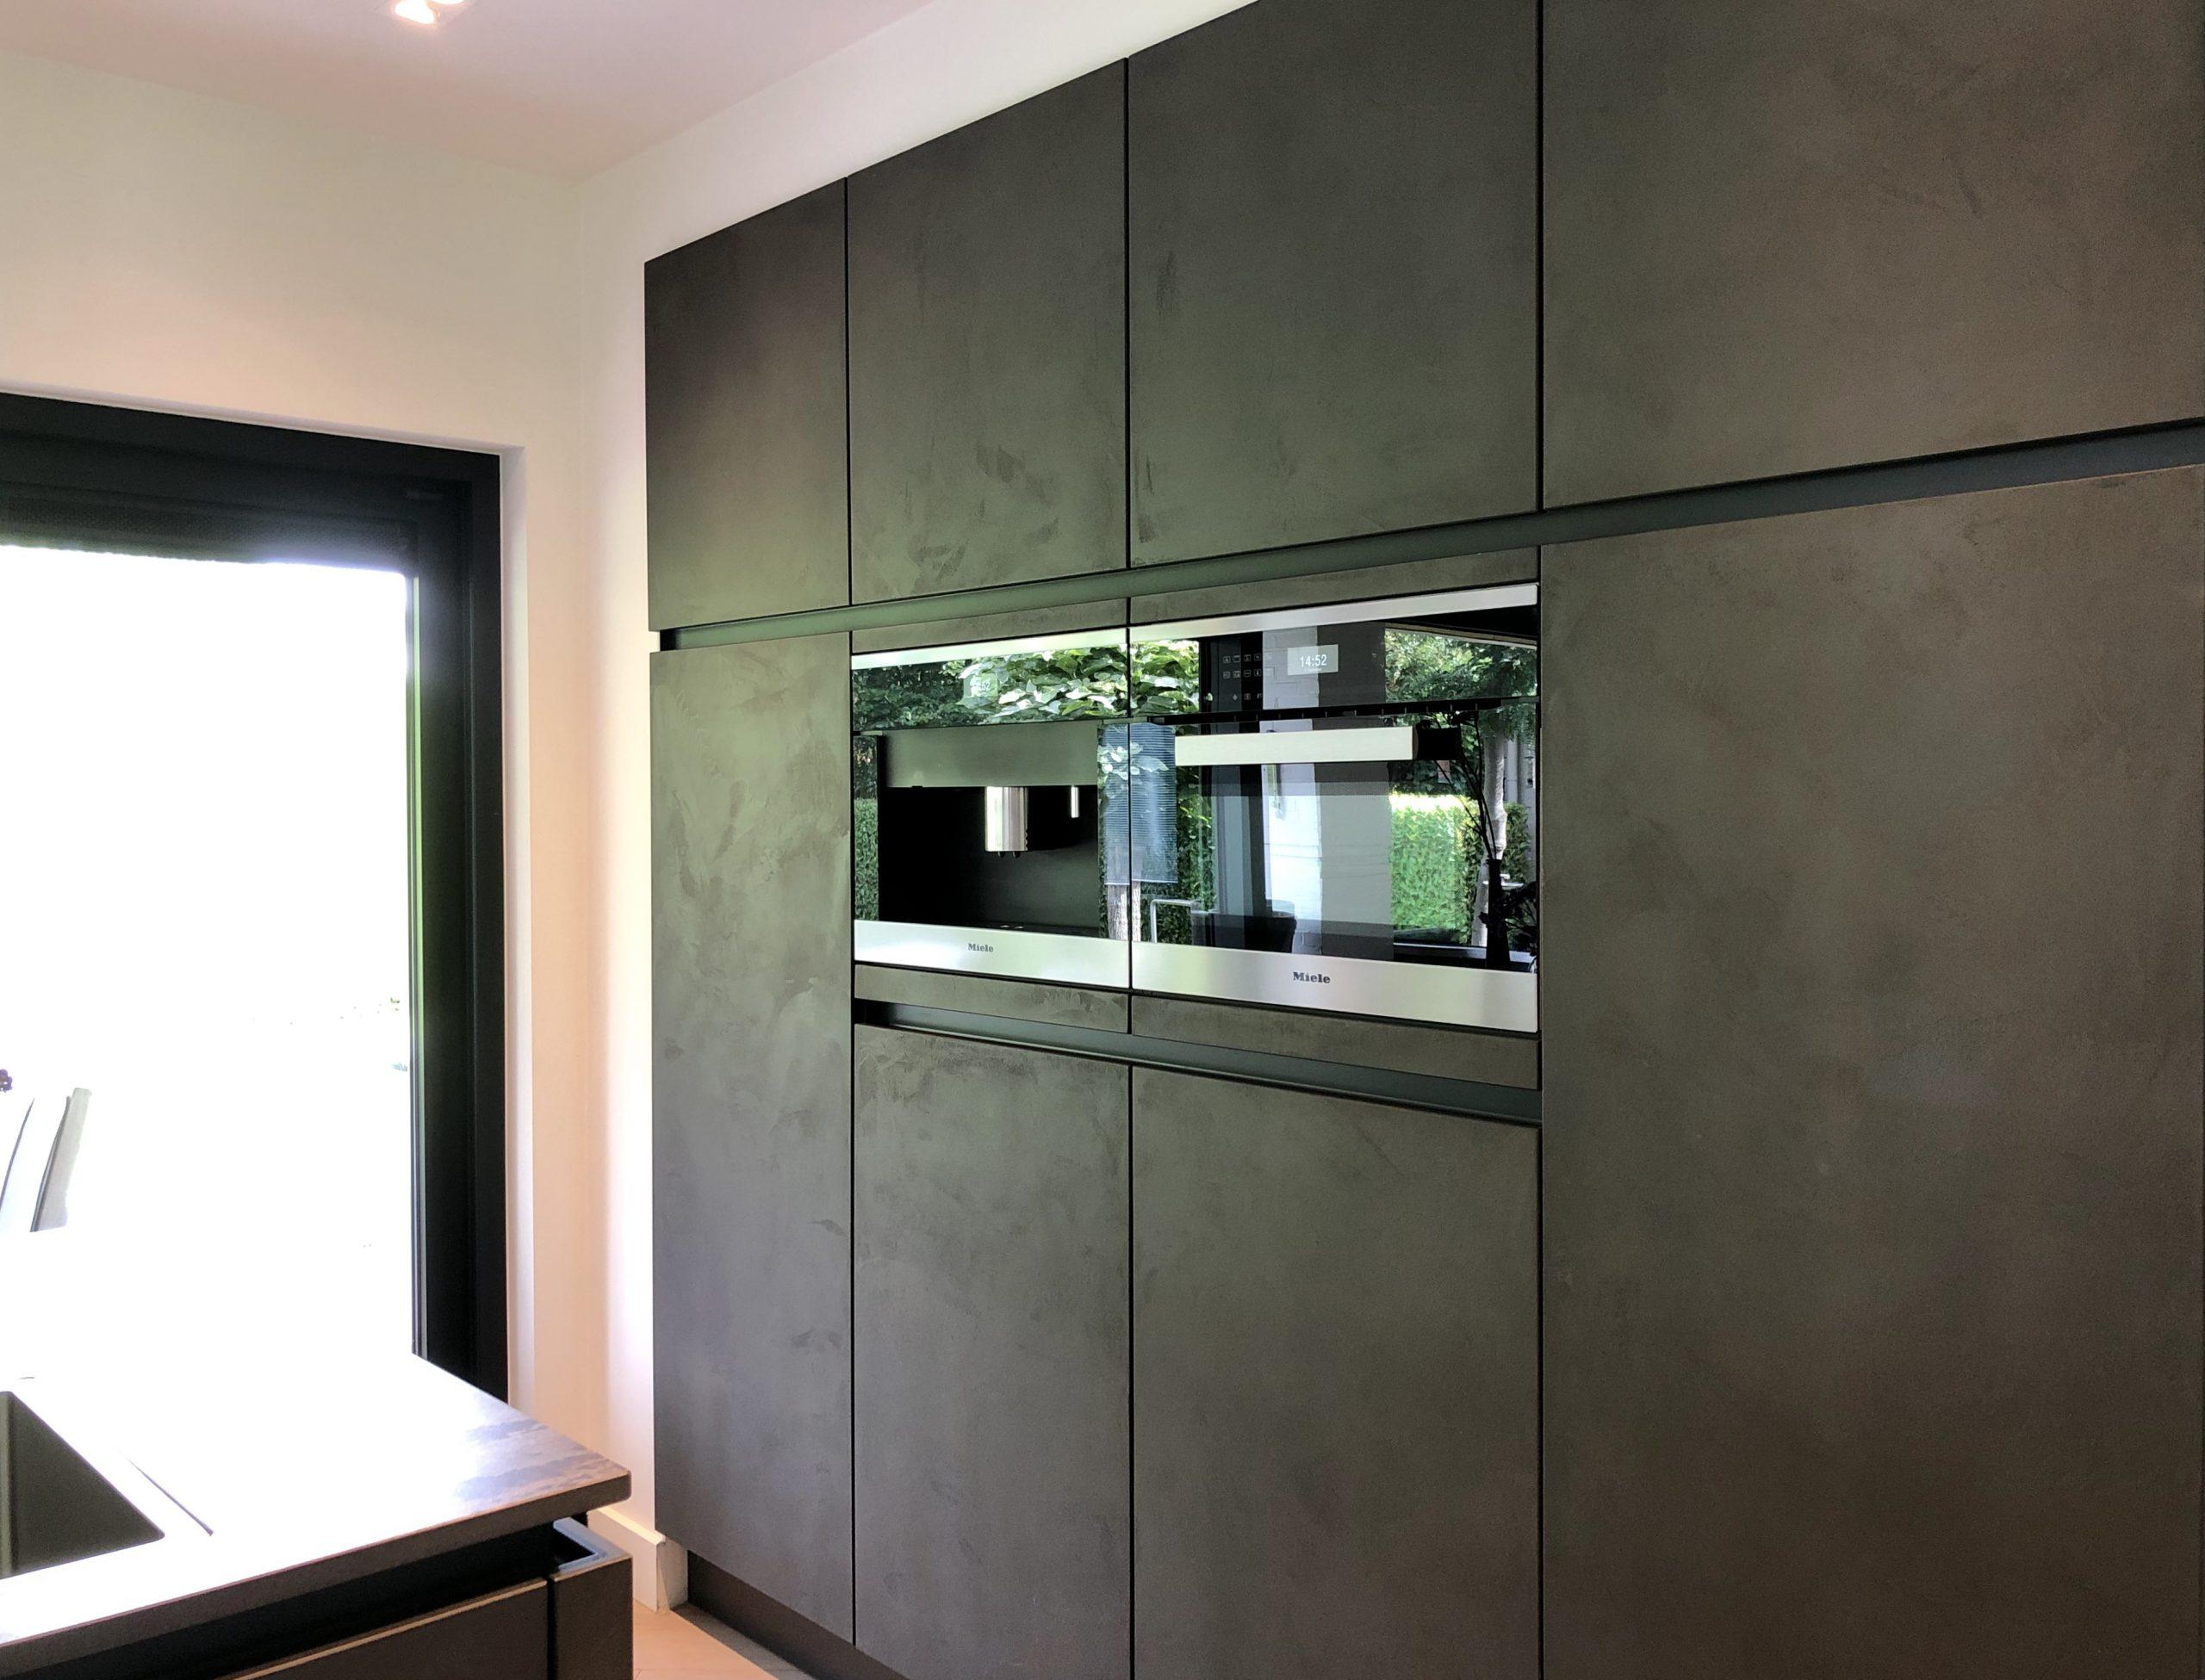 donkere kastenwand met keuken inbouwapparatuur